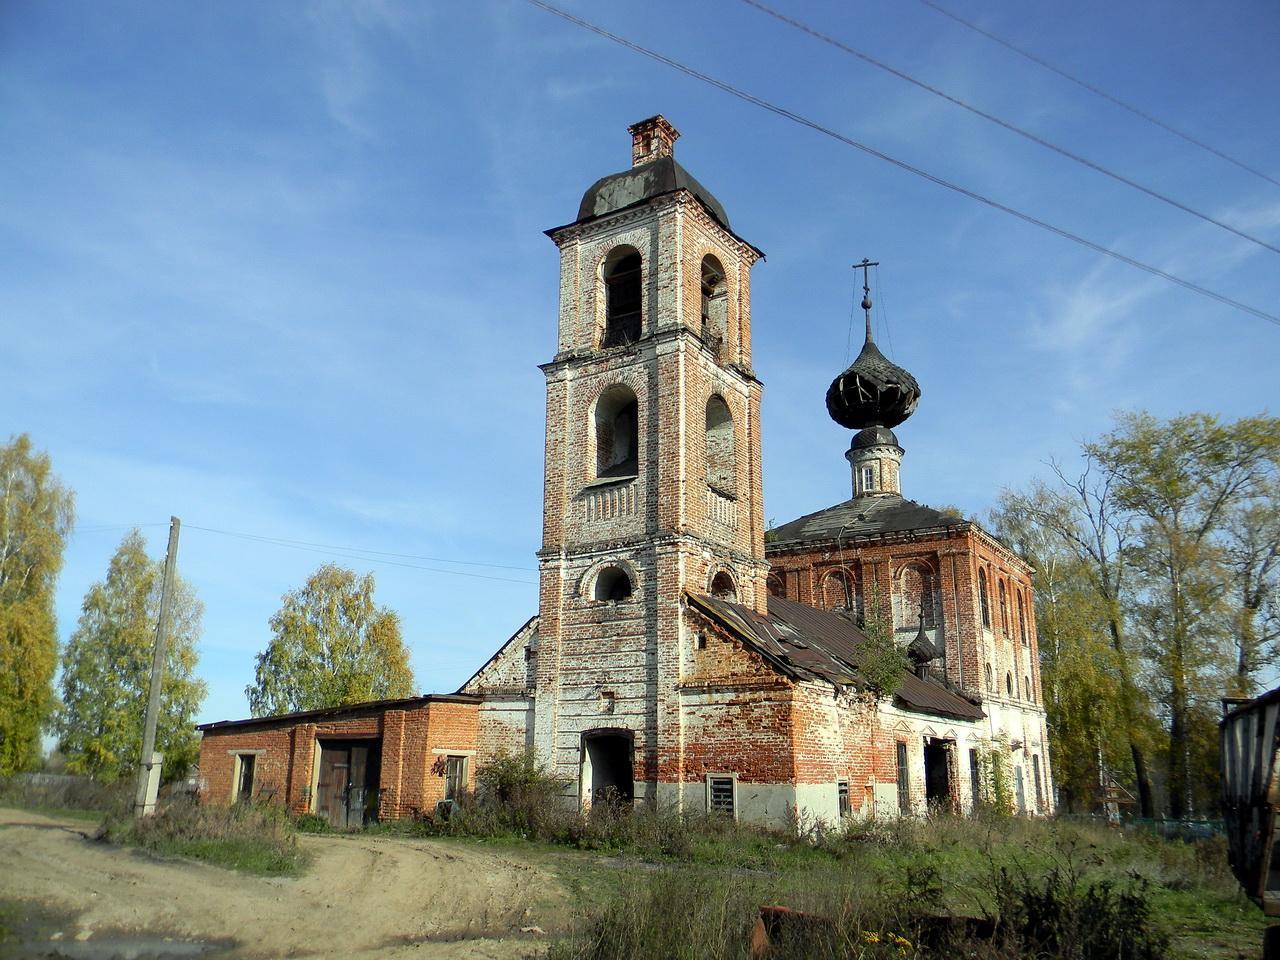 Церковь Покрова Пресвятой Богородицы (Мортки) (Пучеж)